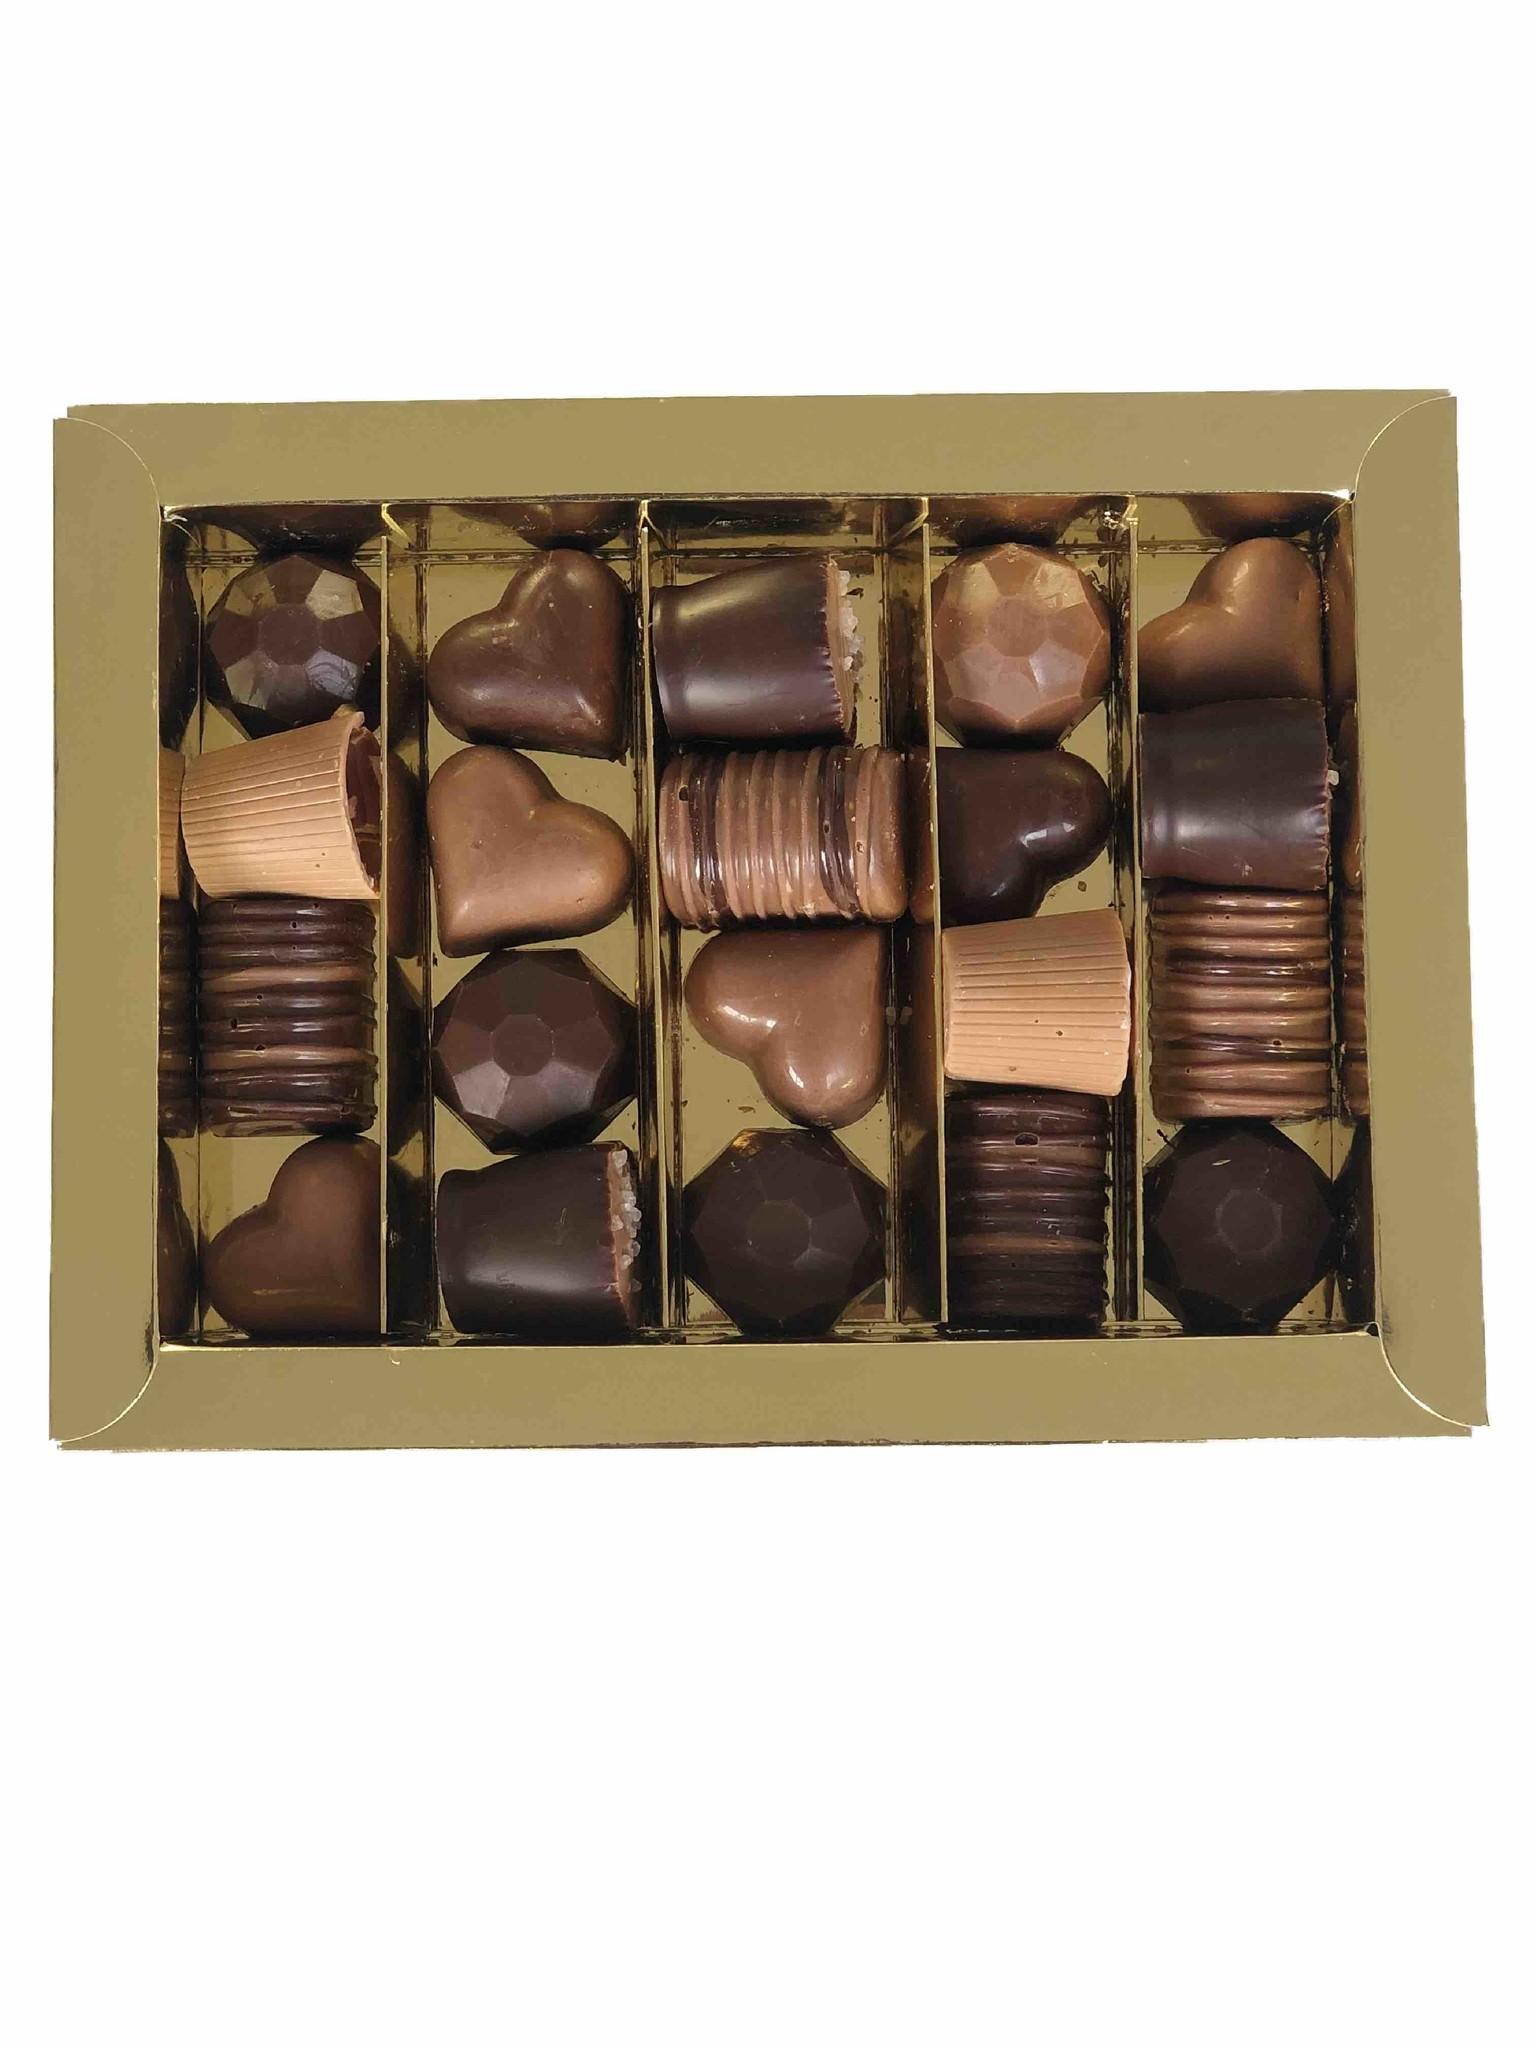 Middelgrote doos met suikervrije bonbons